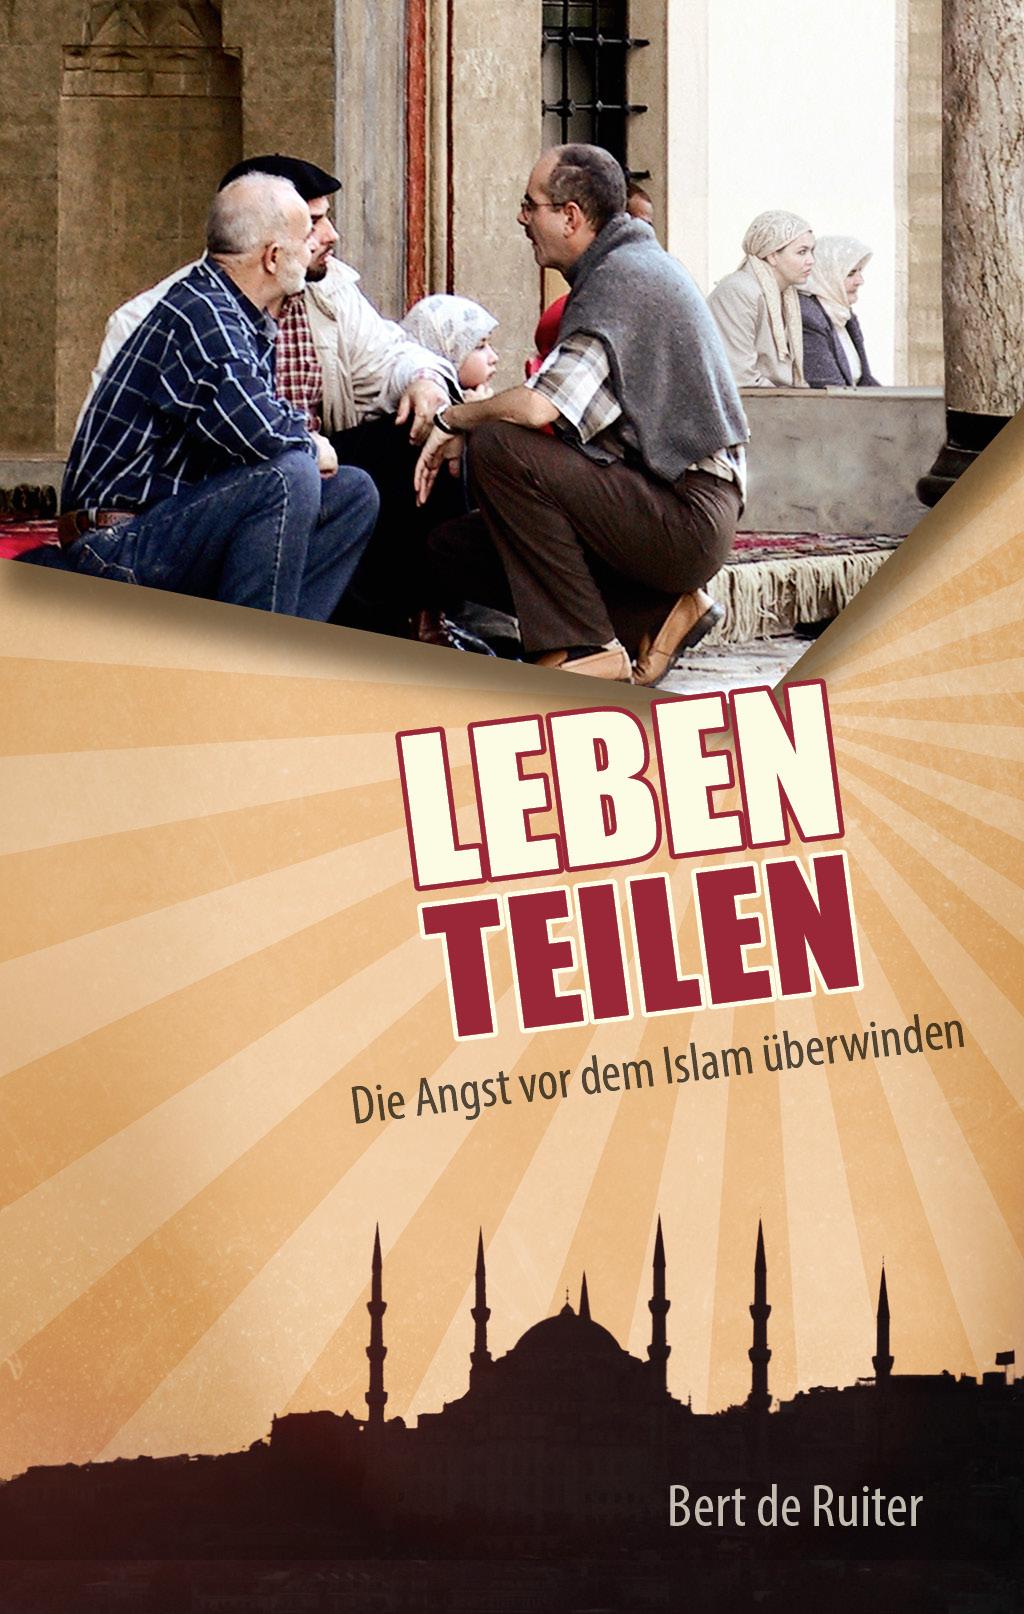 Bert de Ruiter: Leben teilen